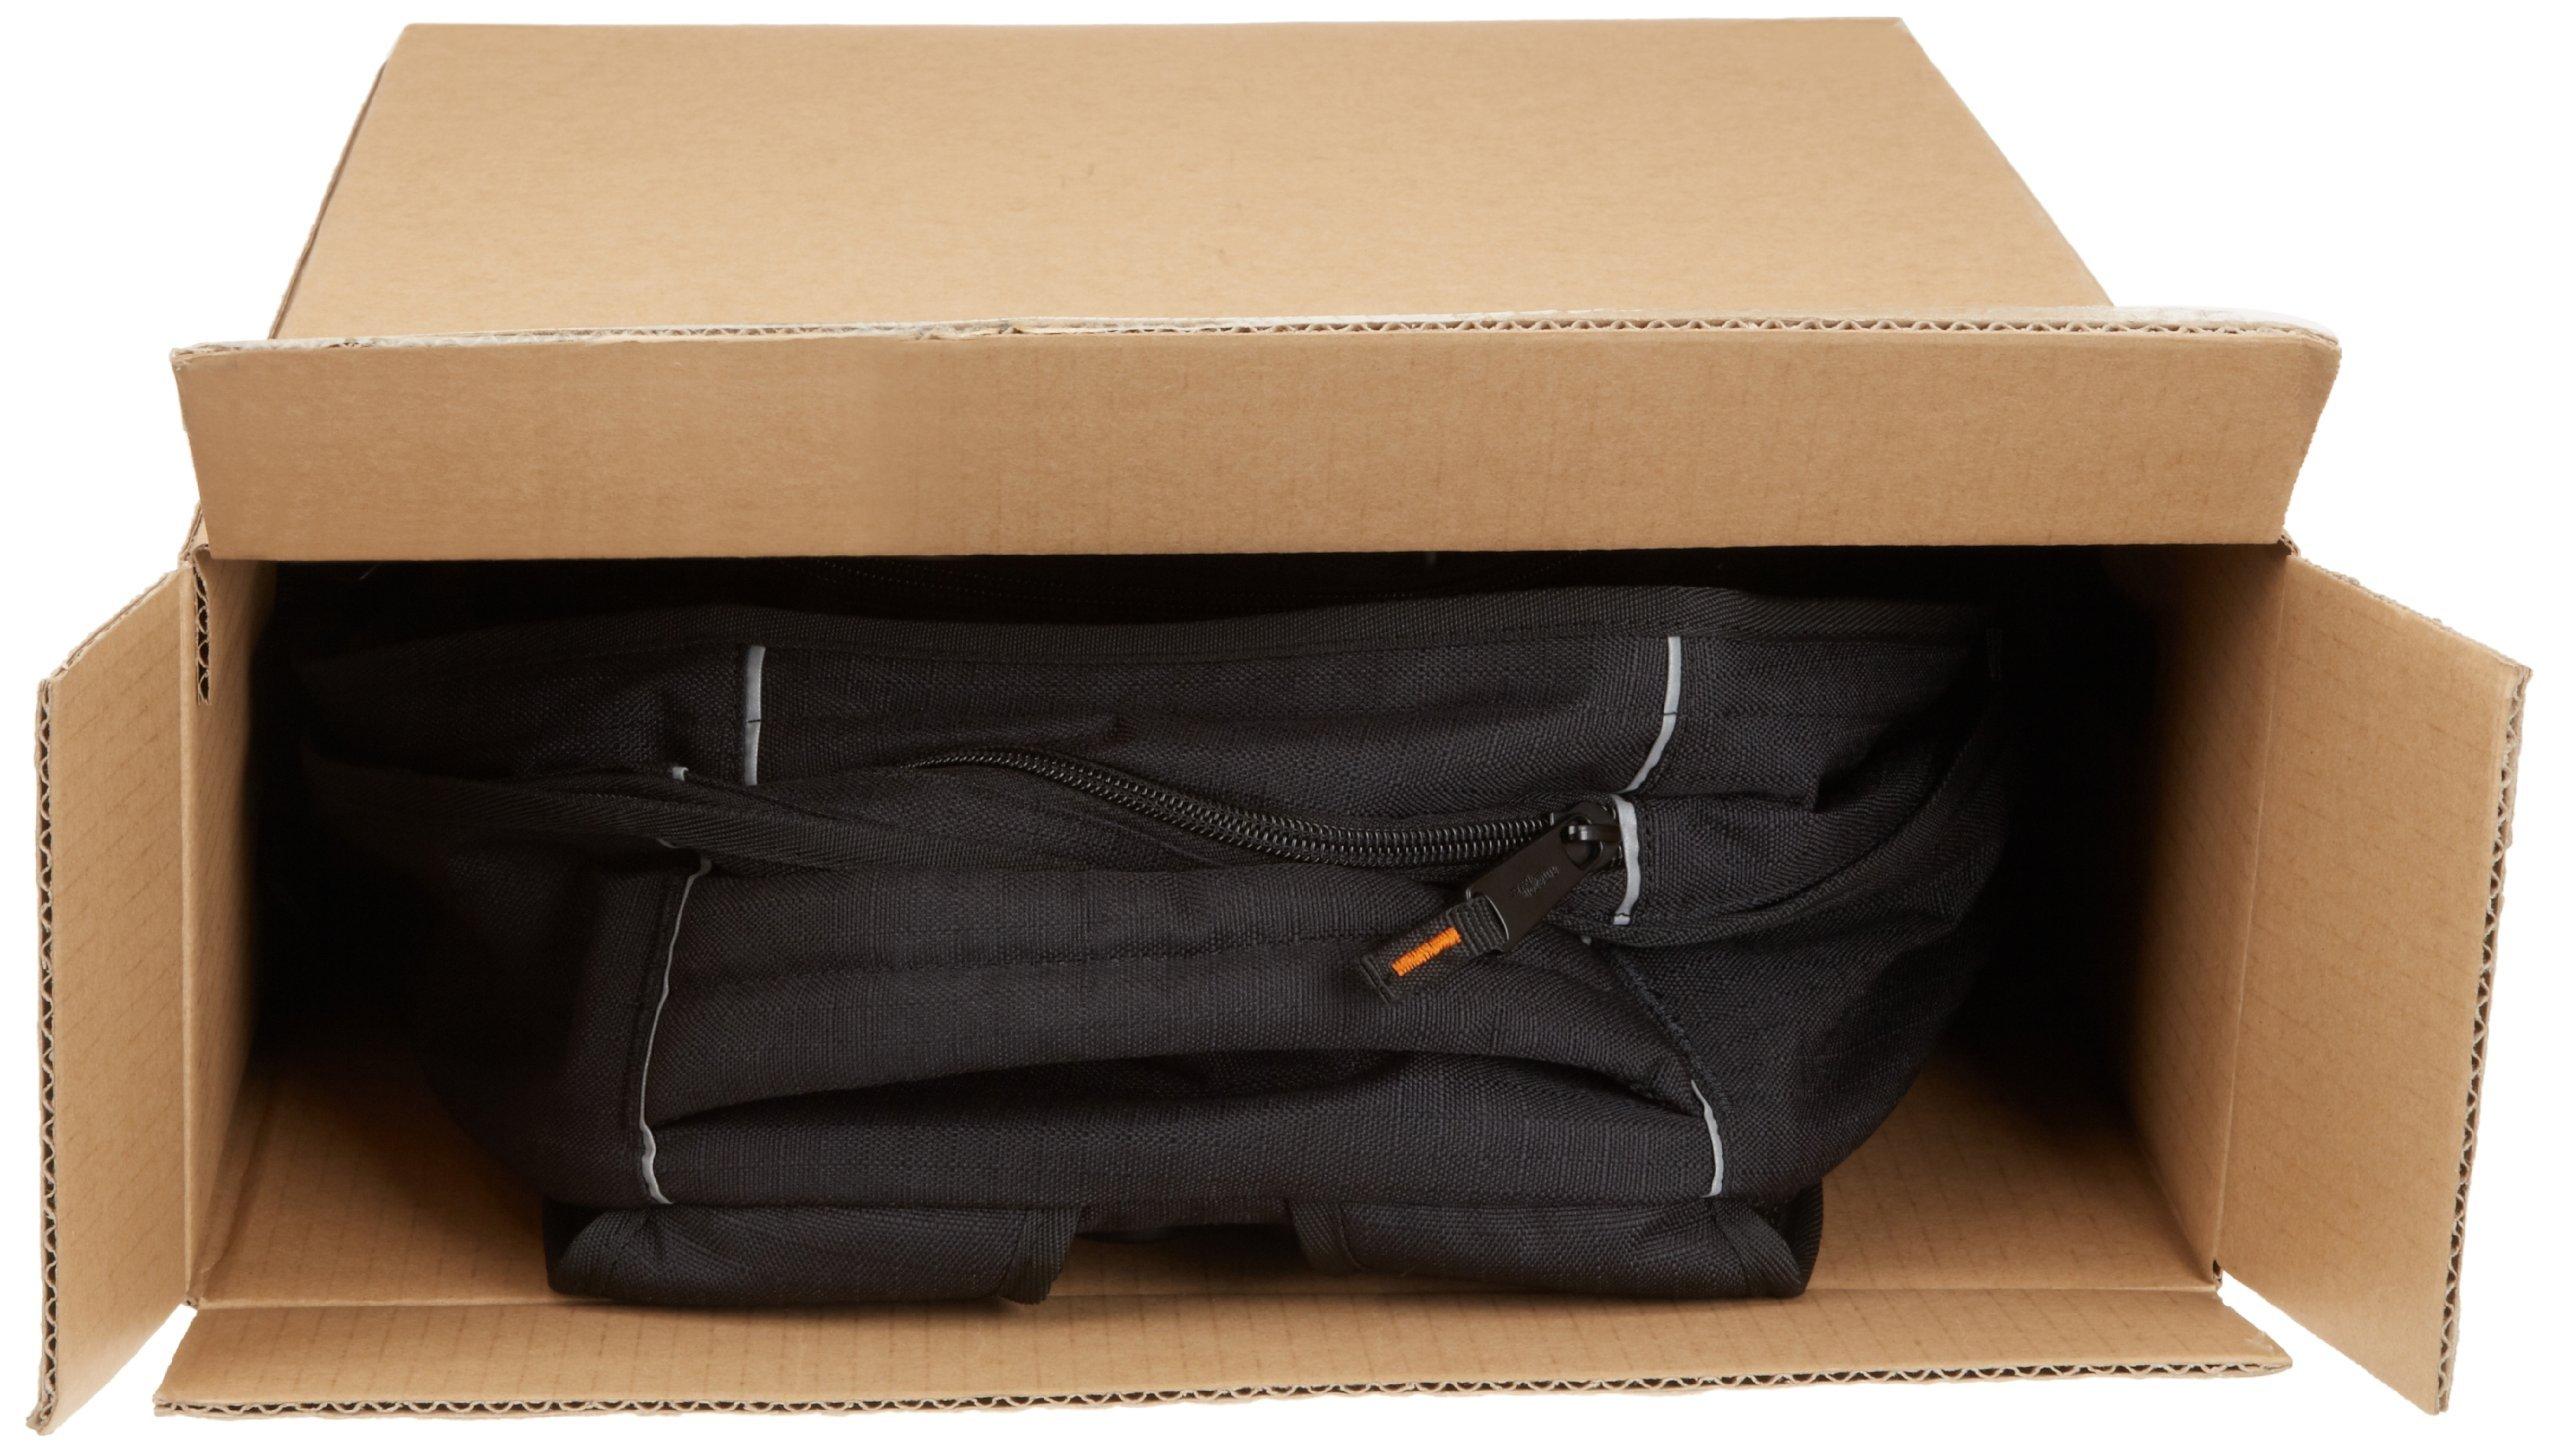 AmazonBasics Backpack for Laptops up to 17-inches by AmazonBasics (Image #8)